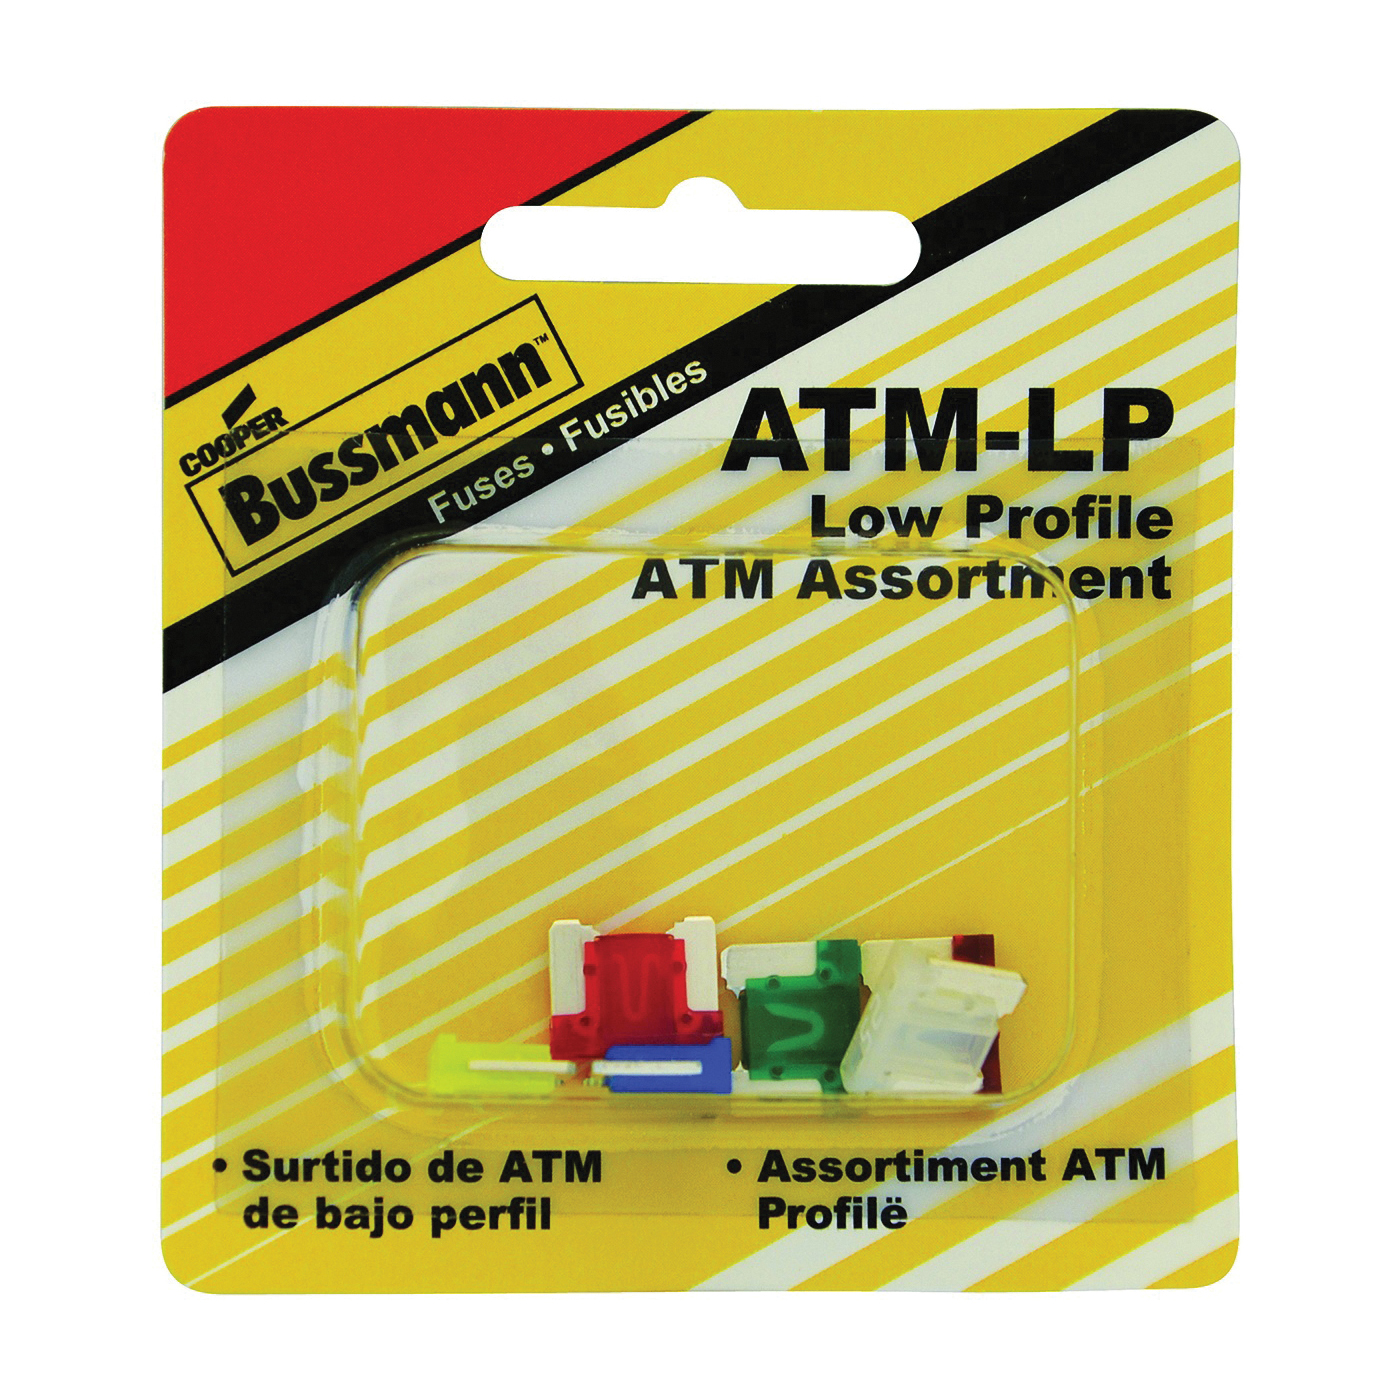 Picture of Bussmann BP/ATM-A6LP-RP Fuse Kit, 32 VDC, 7.5/30 A, 1 kA Interrupt